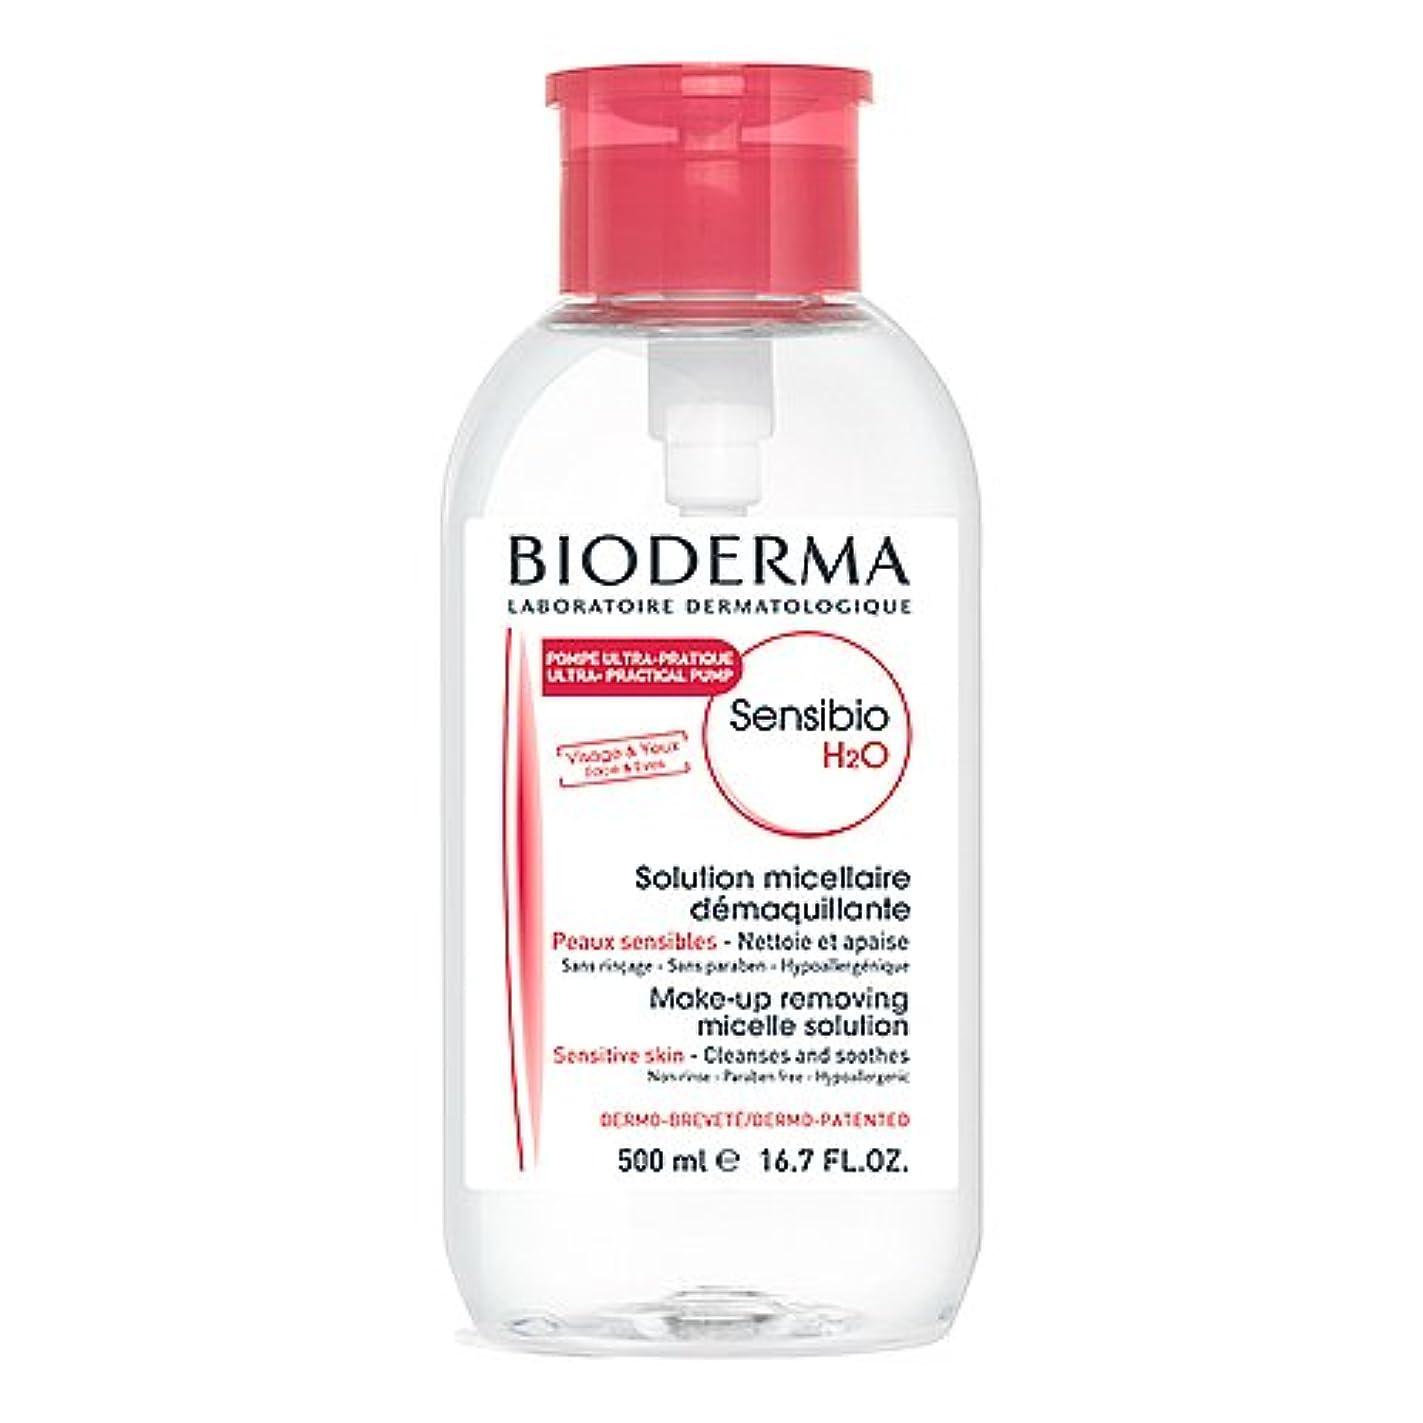 ビオデルマ BIODERMA サンシビオ H2O エイチツーオー D 500ml ポンプタイプ